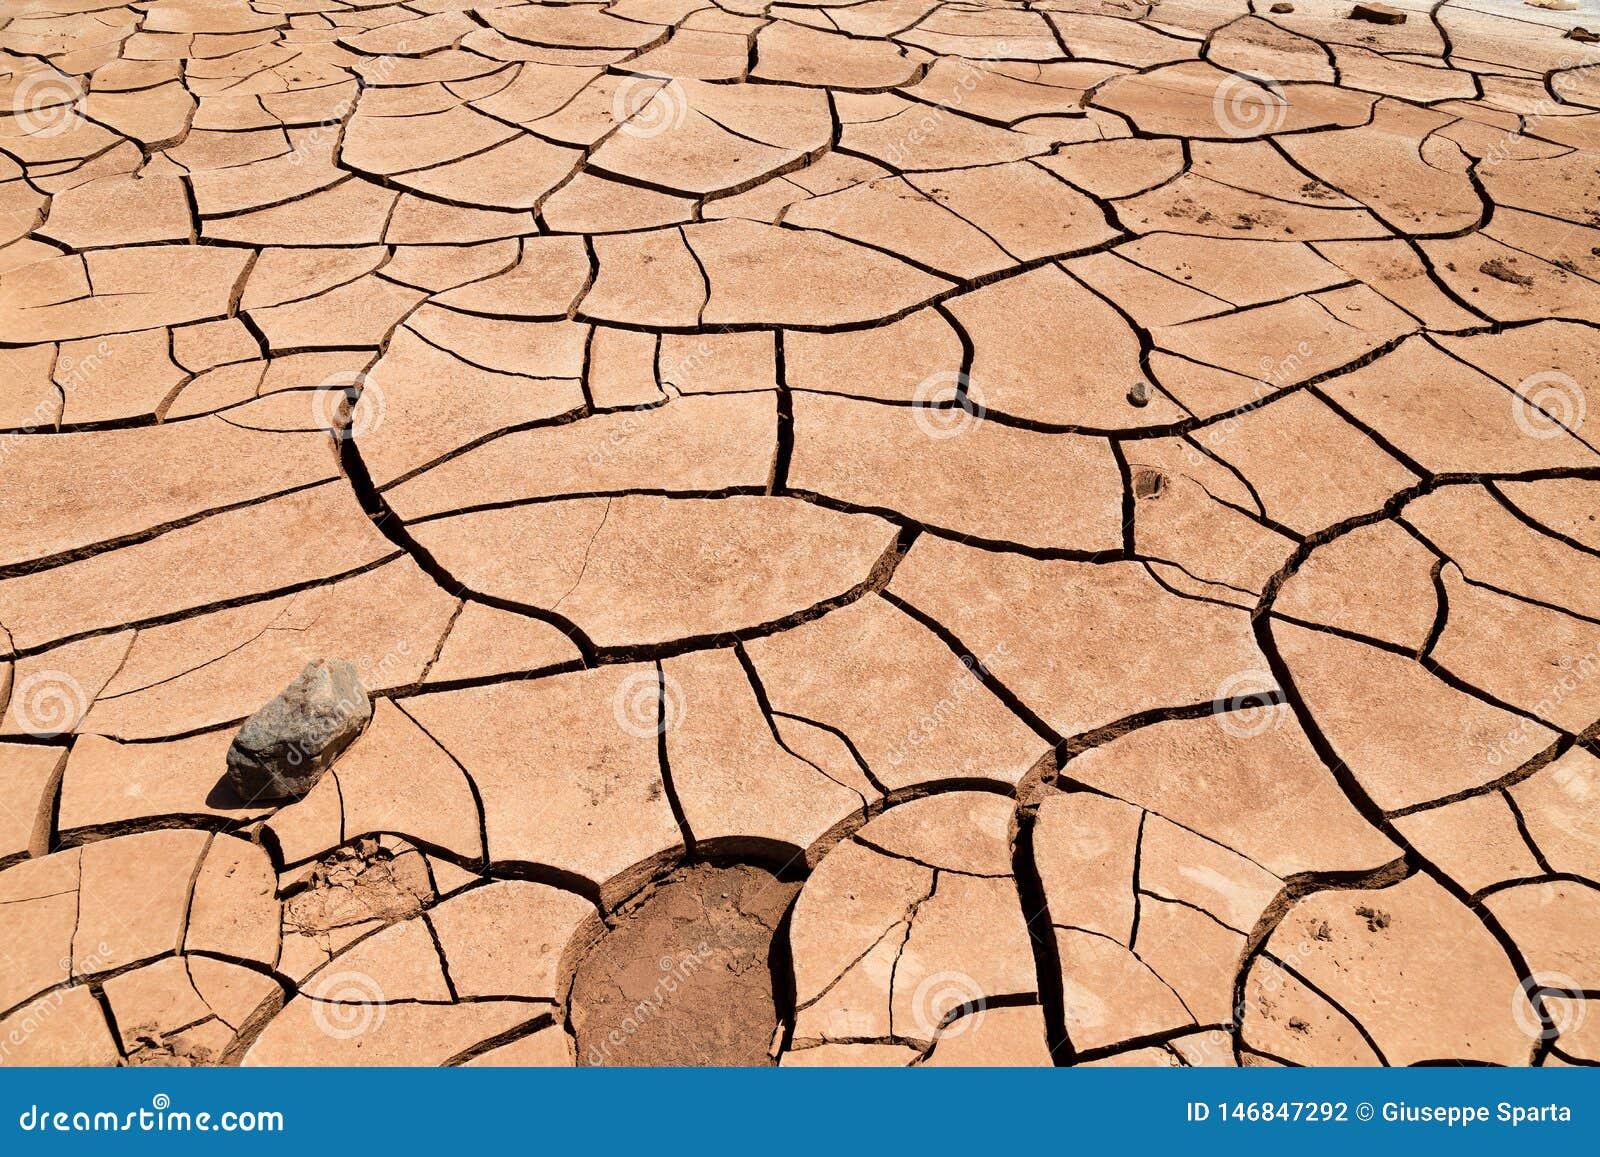 Solo de argila rachado na frente das montanhas flamejantes província em China, Xinjiang Localizado na depressão de Turpan